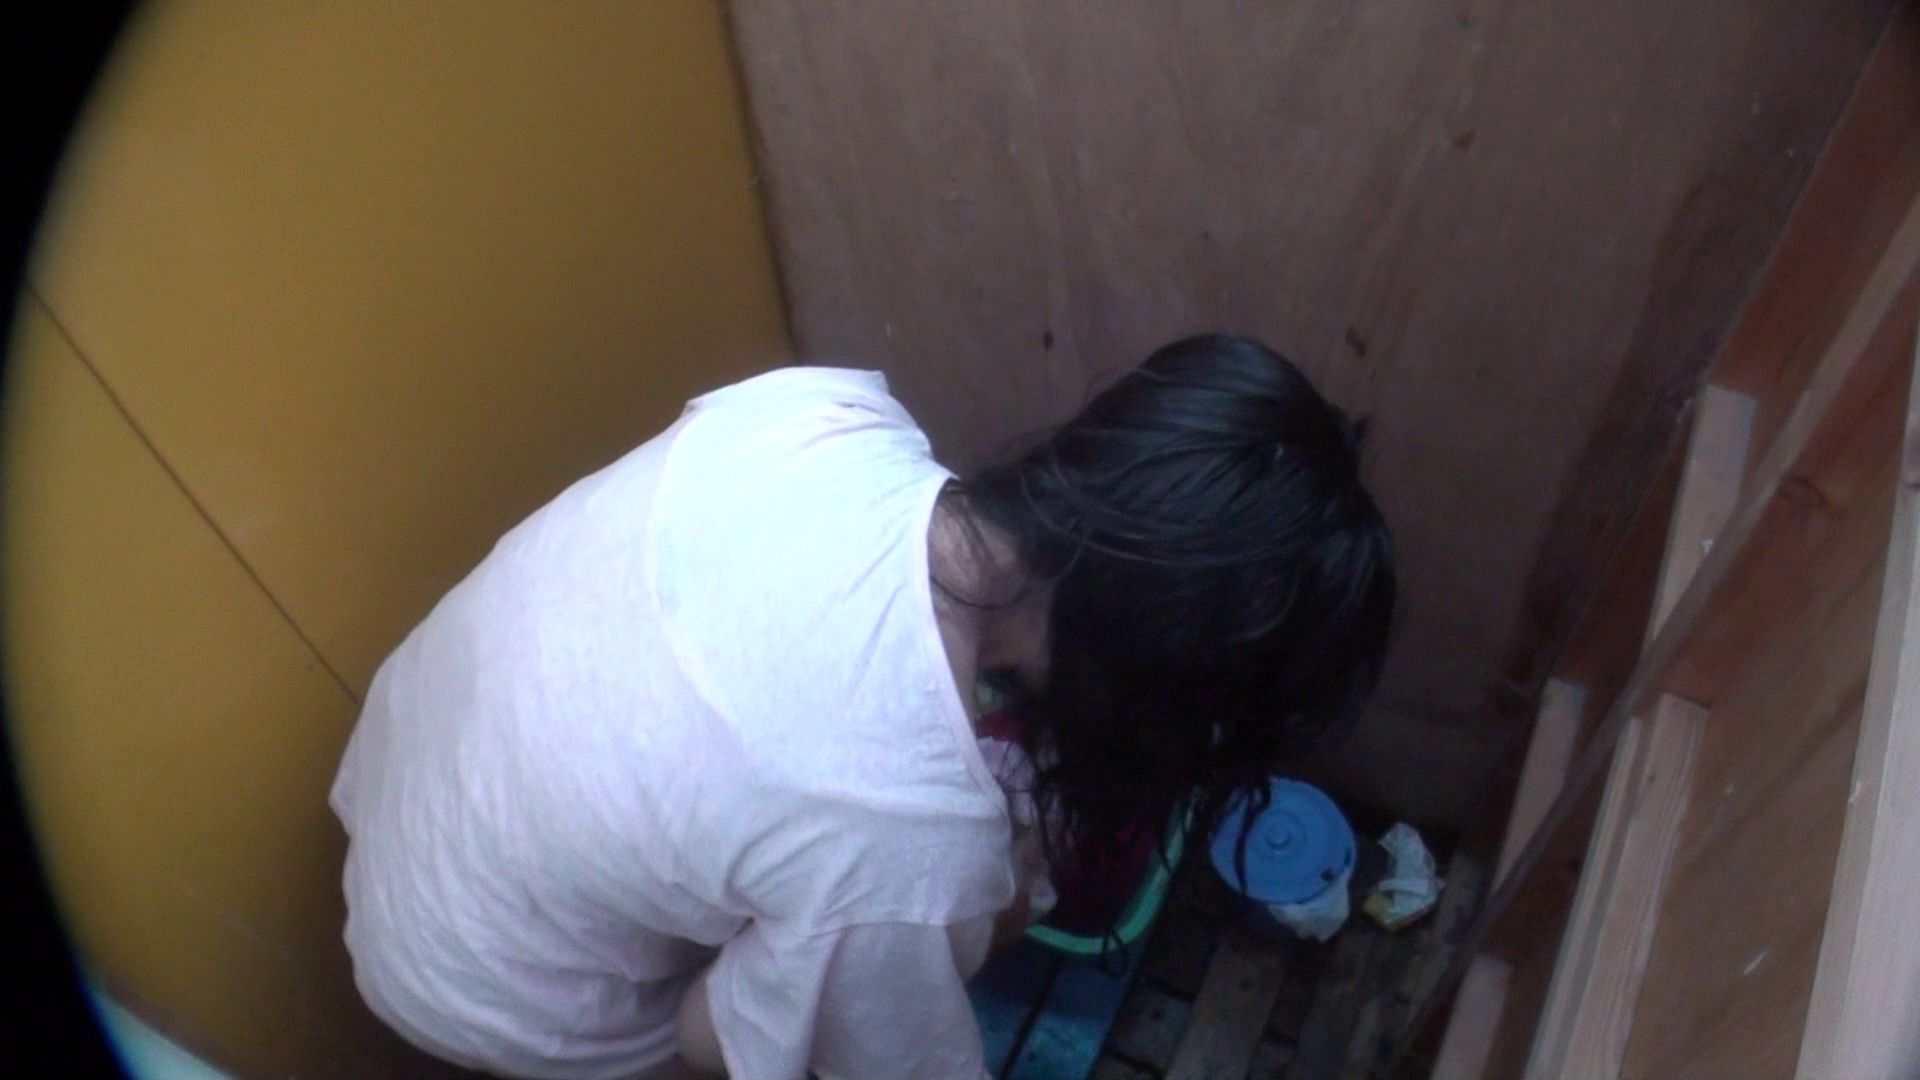 シャワールームは超!!危険な香りVol.13 ムッチムチのいやらしい身体つき シャワー  111pic 110